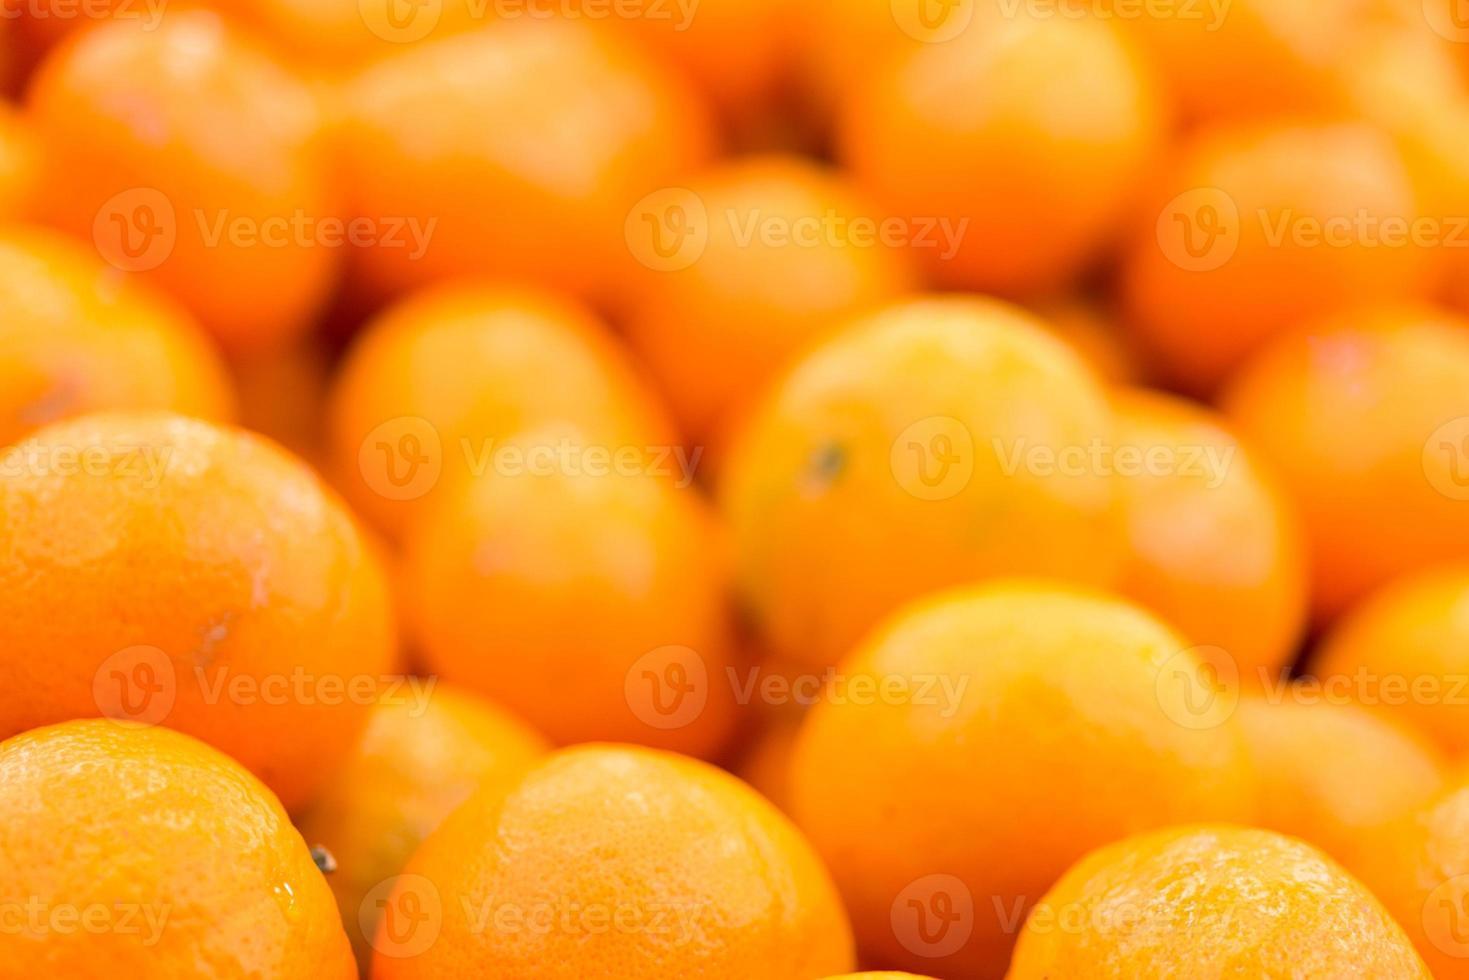 mandarini con goccia d'acqua foto